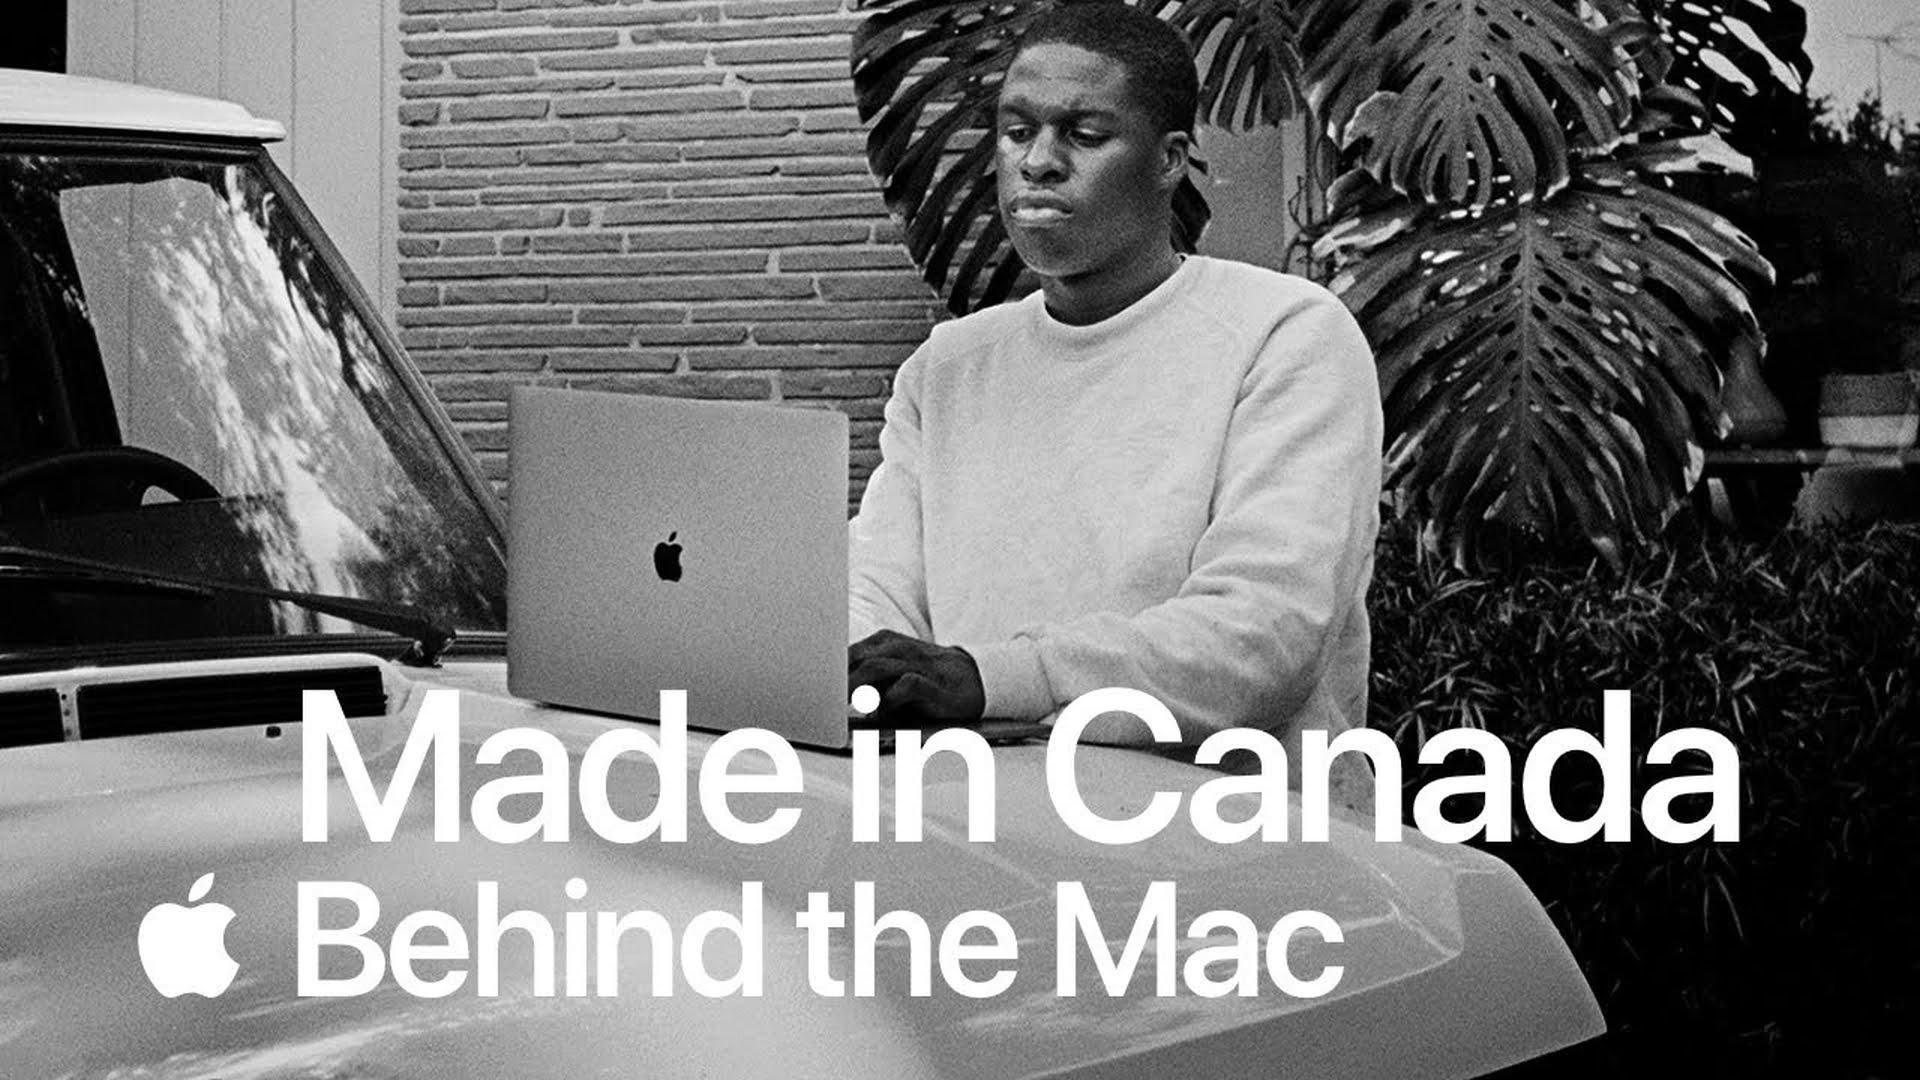 """Firma Apple dodała nową reklamę z serii """"Behind the Mac"""""""